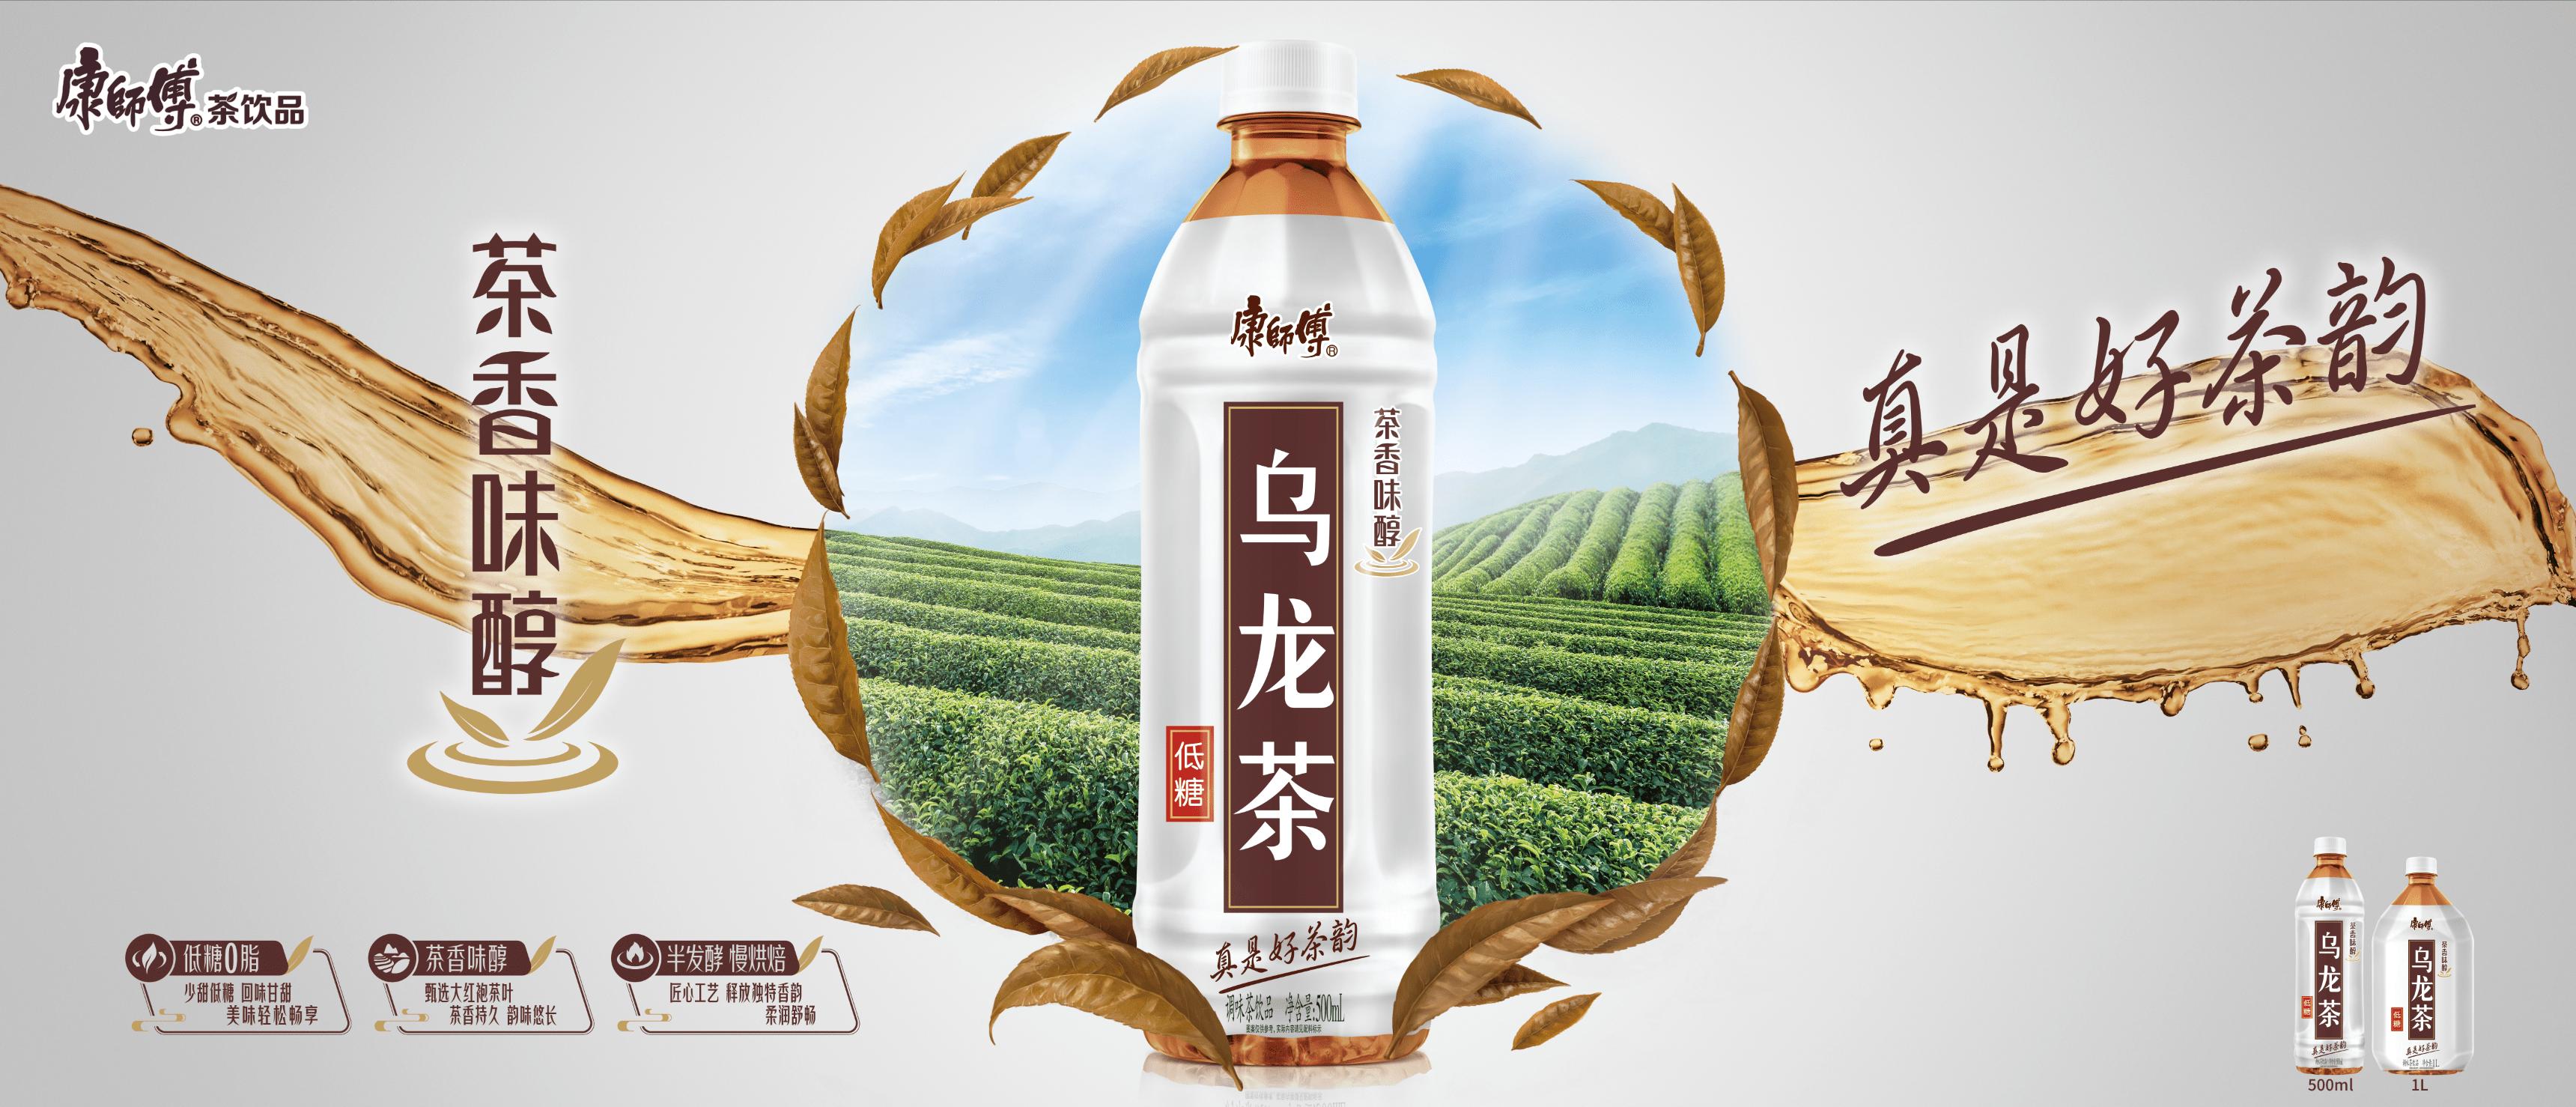 """康师傅饮品再发力乌龙茶市场,乌龙茶""""最强兄弟""""全新上市 图2"""